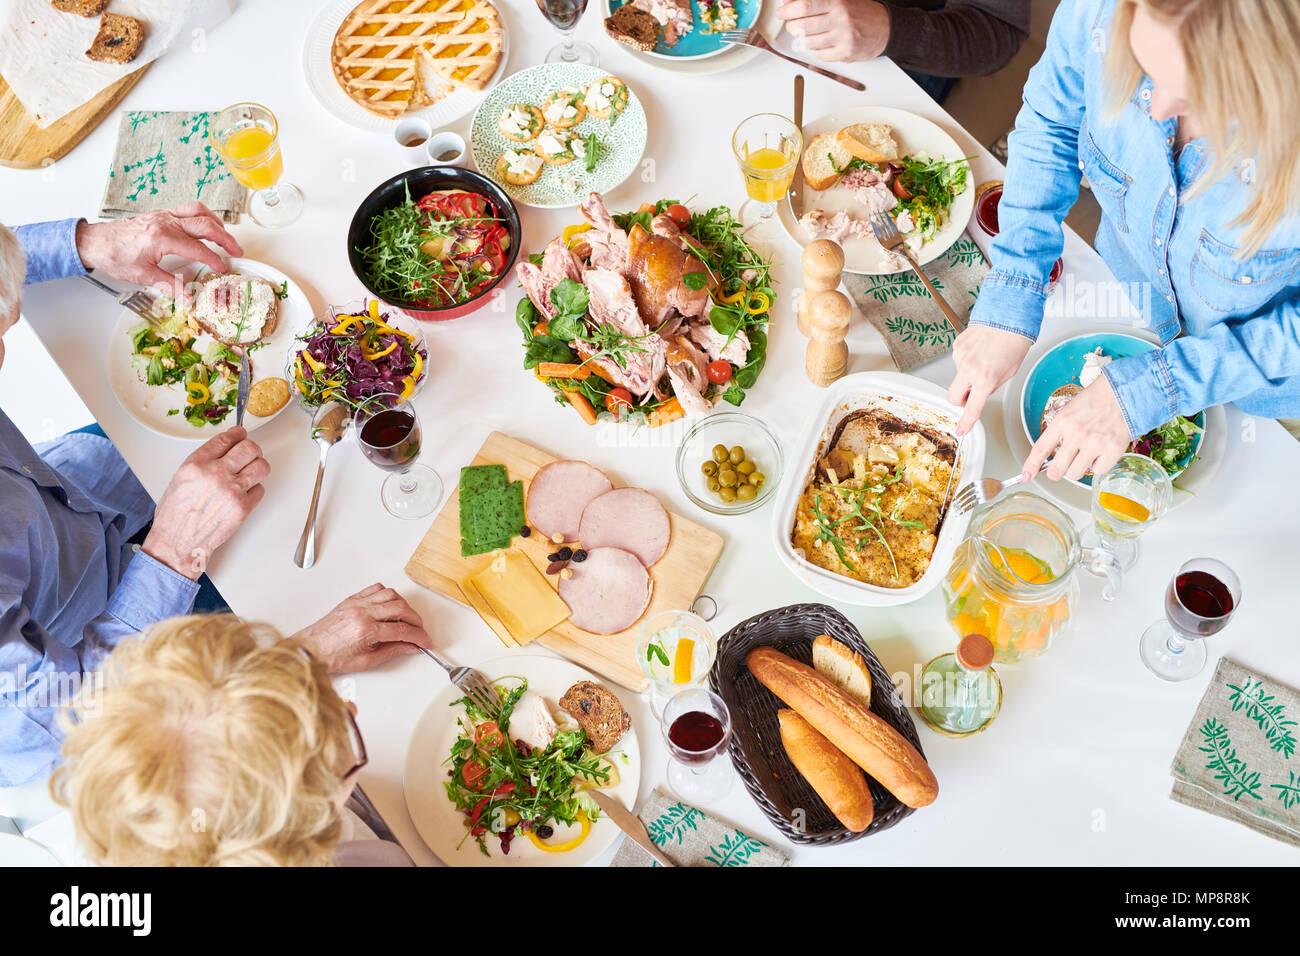 Oben Blick auf glückliche Familie Abendessen Stockbild